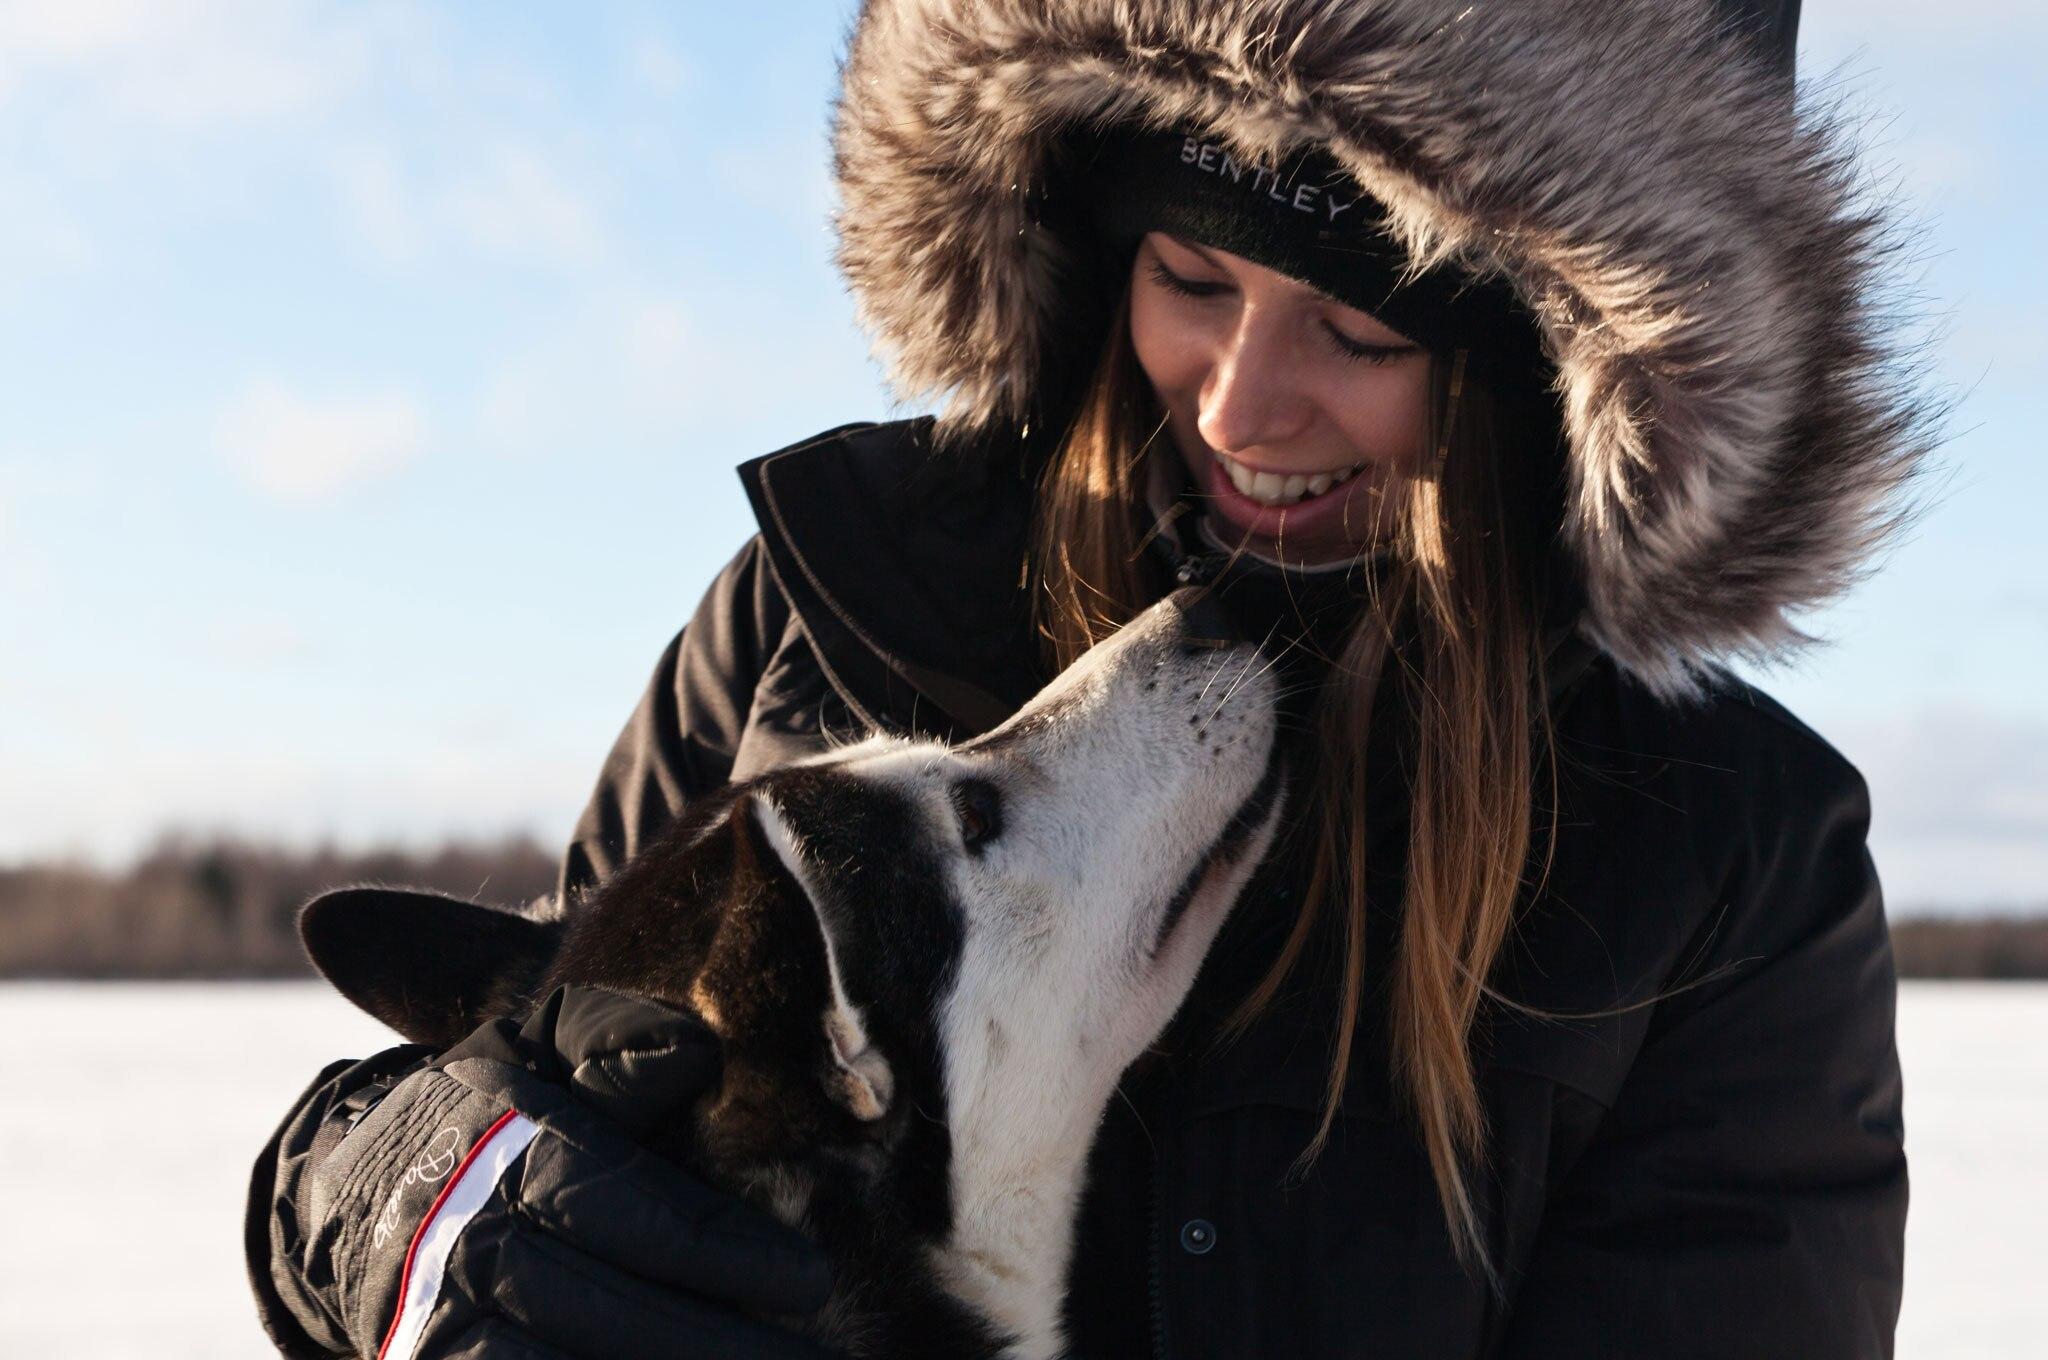 2016 bentley power on ice woman husky dog